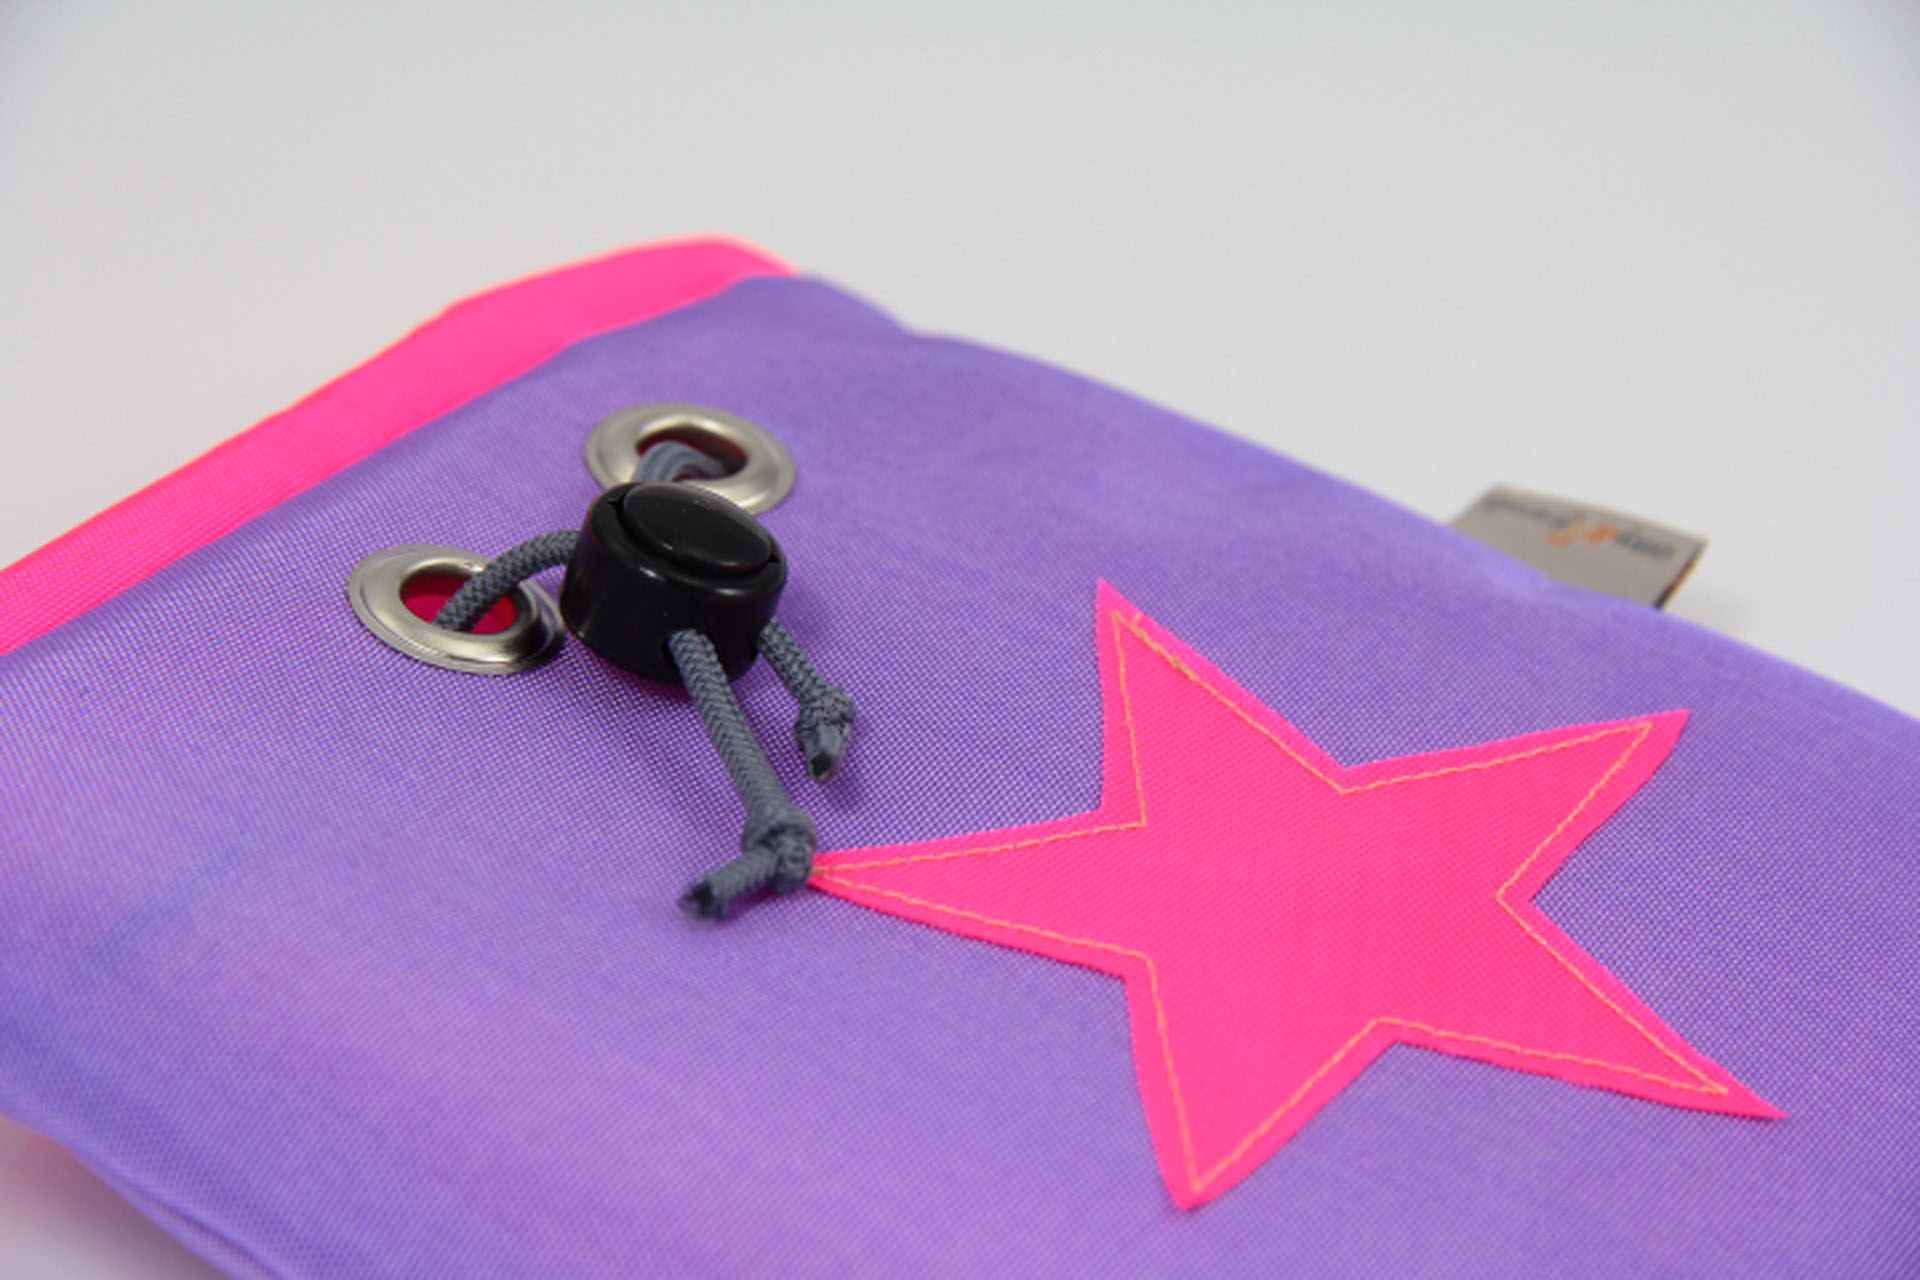 Leckerlibeutel-amy-and-friends-flieder-neonpink